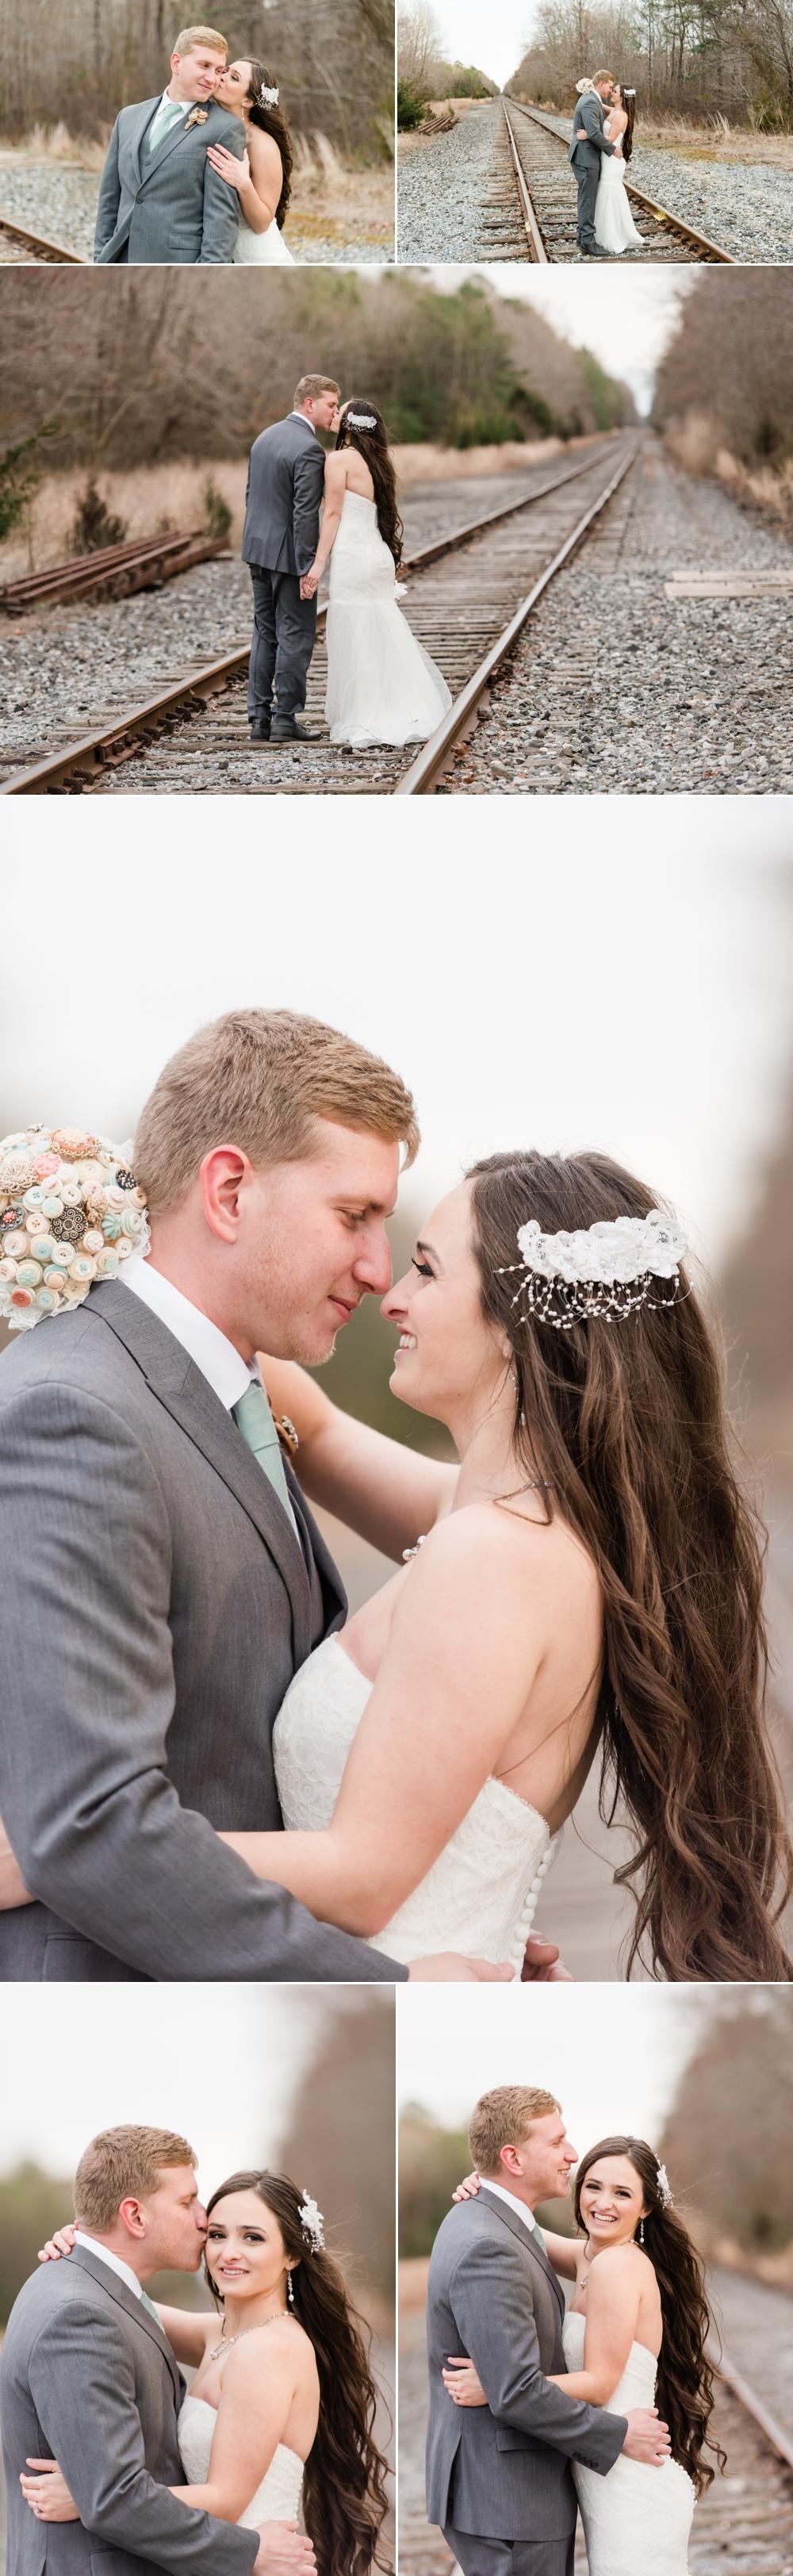 vai wedding 46.jpg